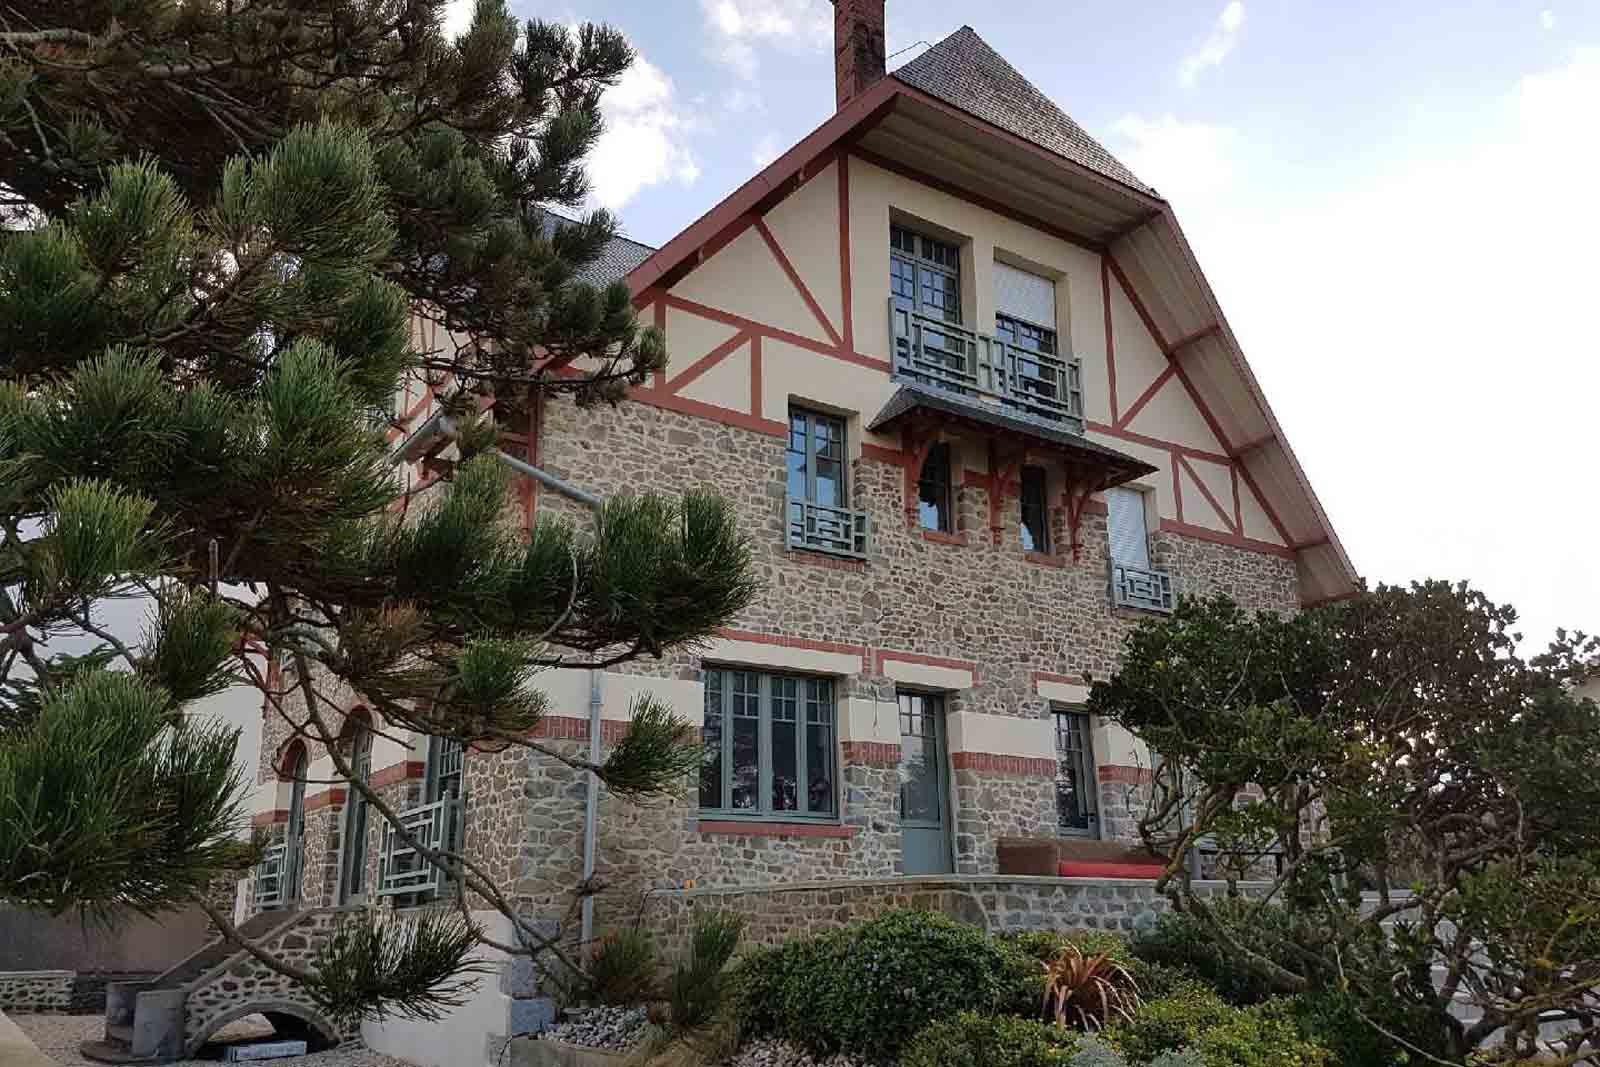 gite les roches grises 15 - L'Annexe - Location de Gite La Clef Decamp - Laclefdecamp.fr